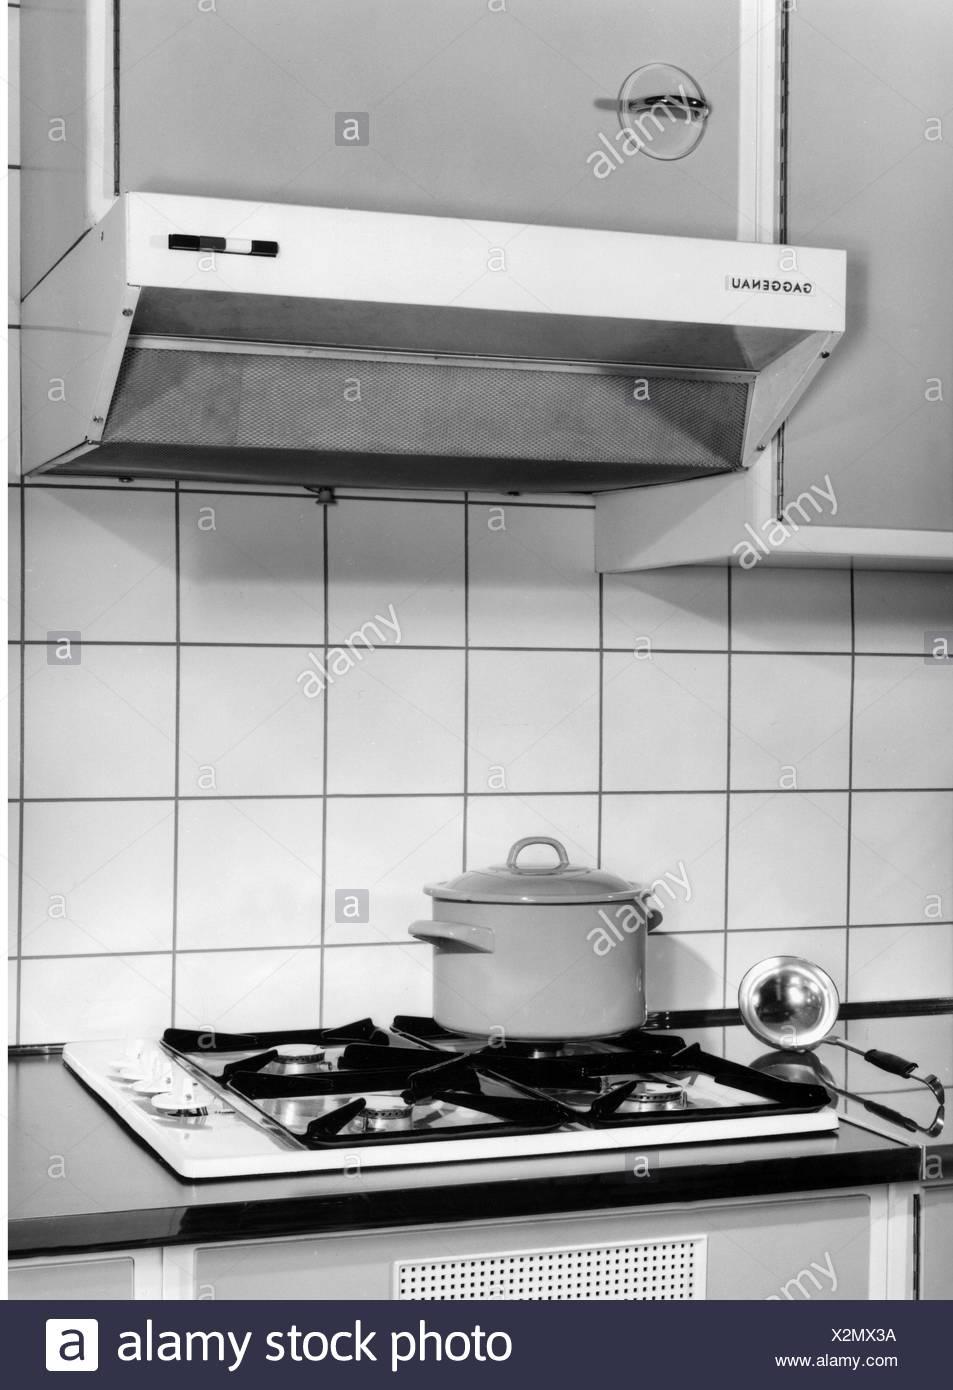 Encantador Aparatos De Cocina 1960 Composición - Ideas de Decoración ...